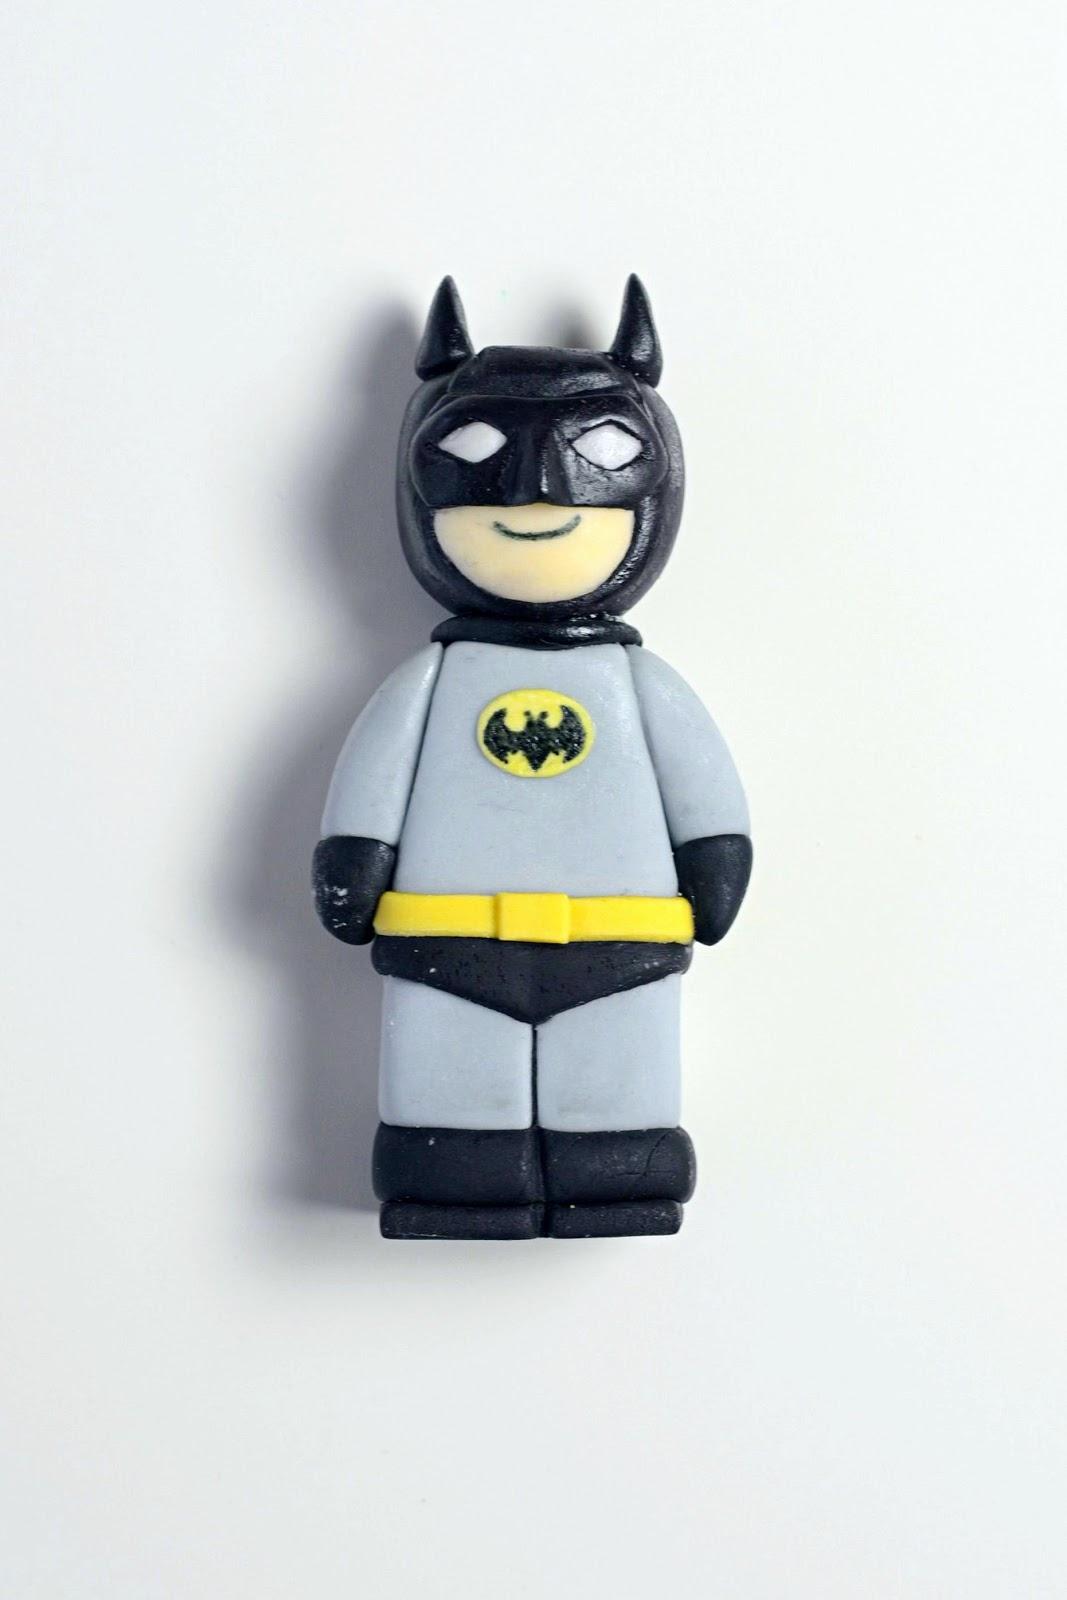 Großzügig Batman Farbseite Bilder - Druckbare Malvorlagen - amaichi.info